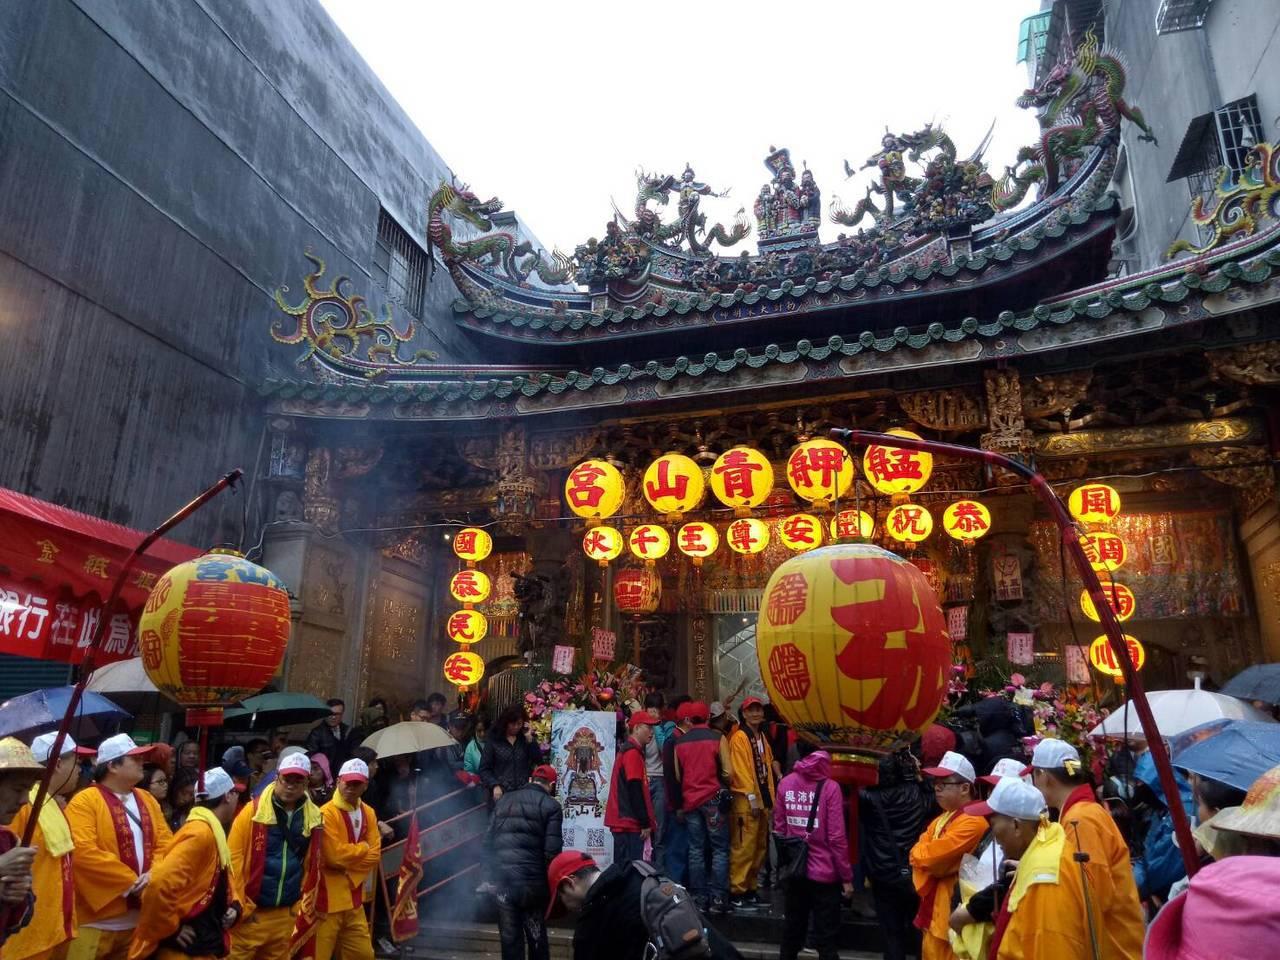 萬華青山宮一年一度的「青山王祭」日前登場。記者吳思萍/攝影